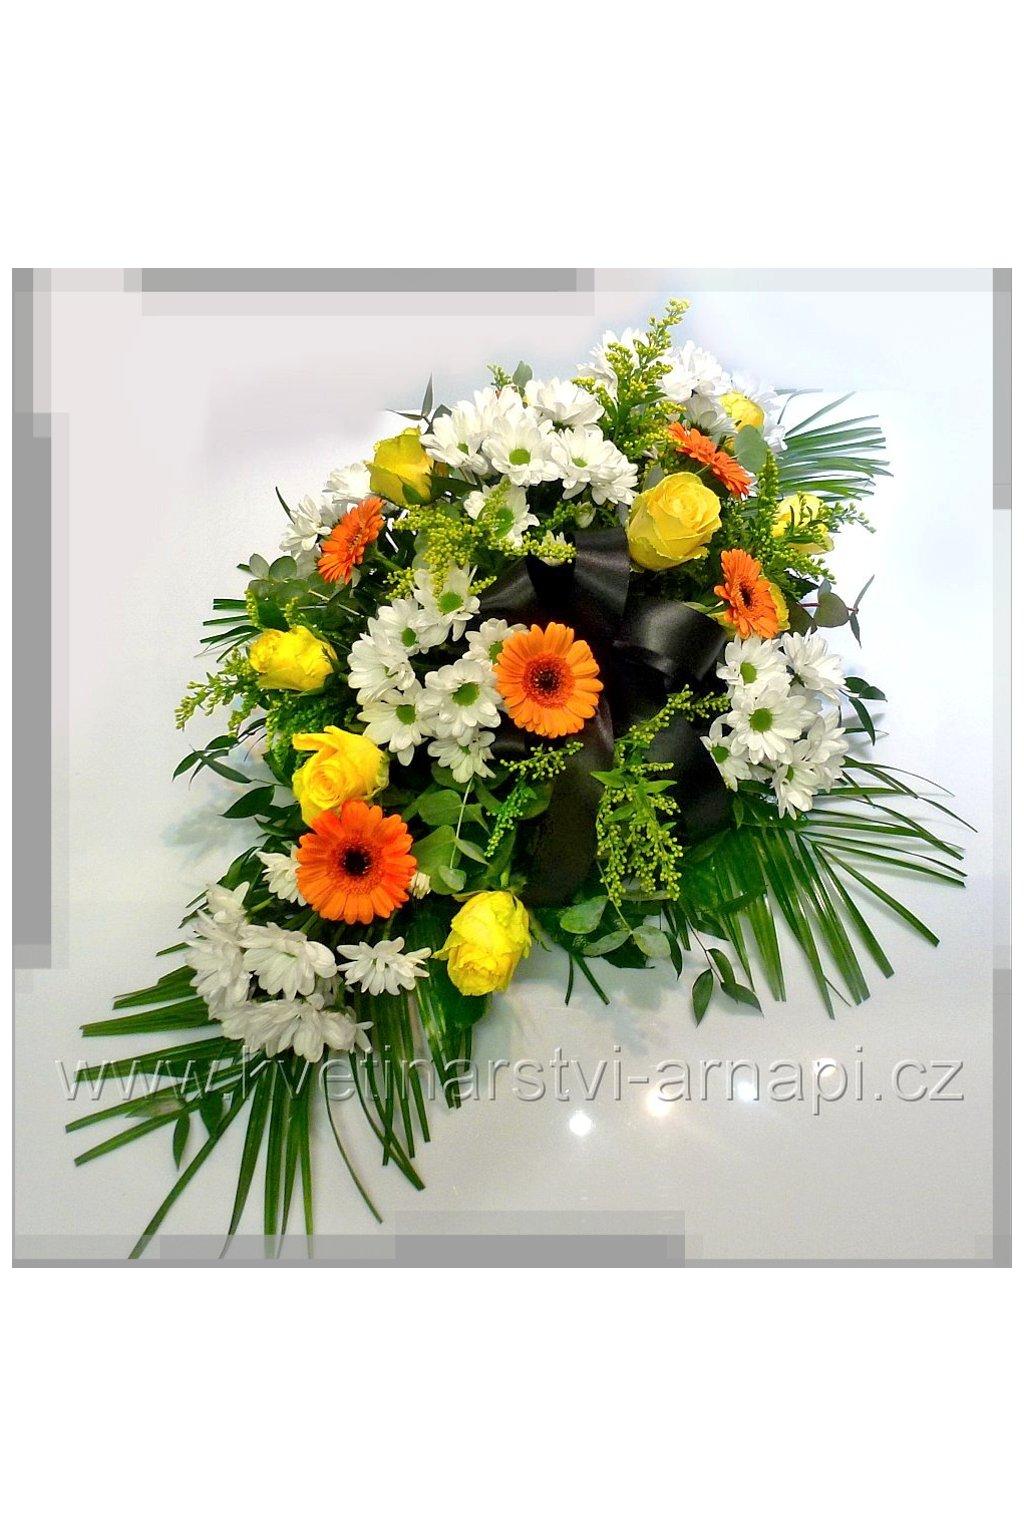 smutecni kytice vypichovana z gerber kvetinarstvi arnapi rozvoz